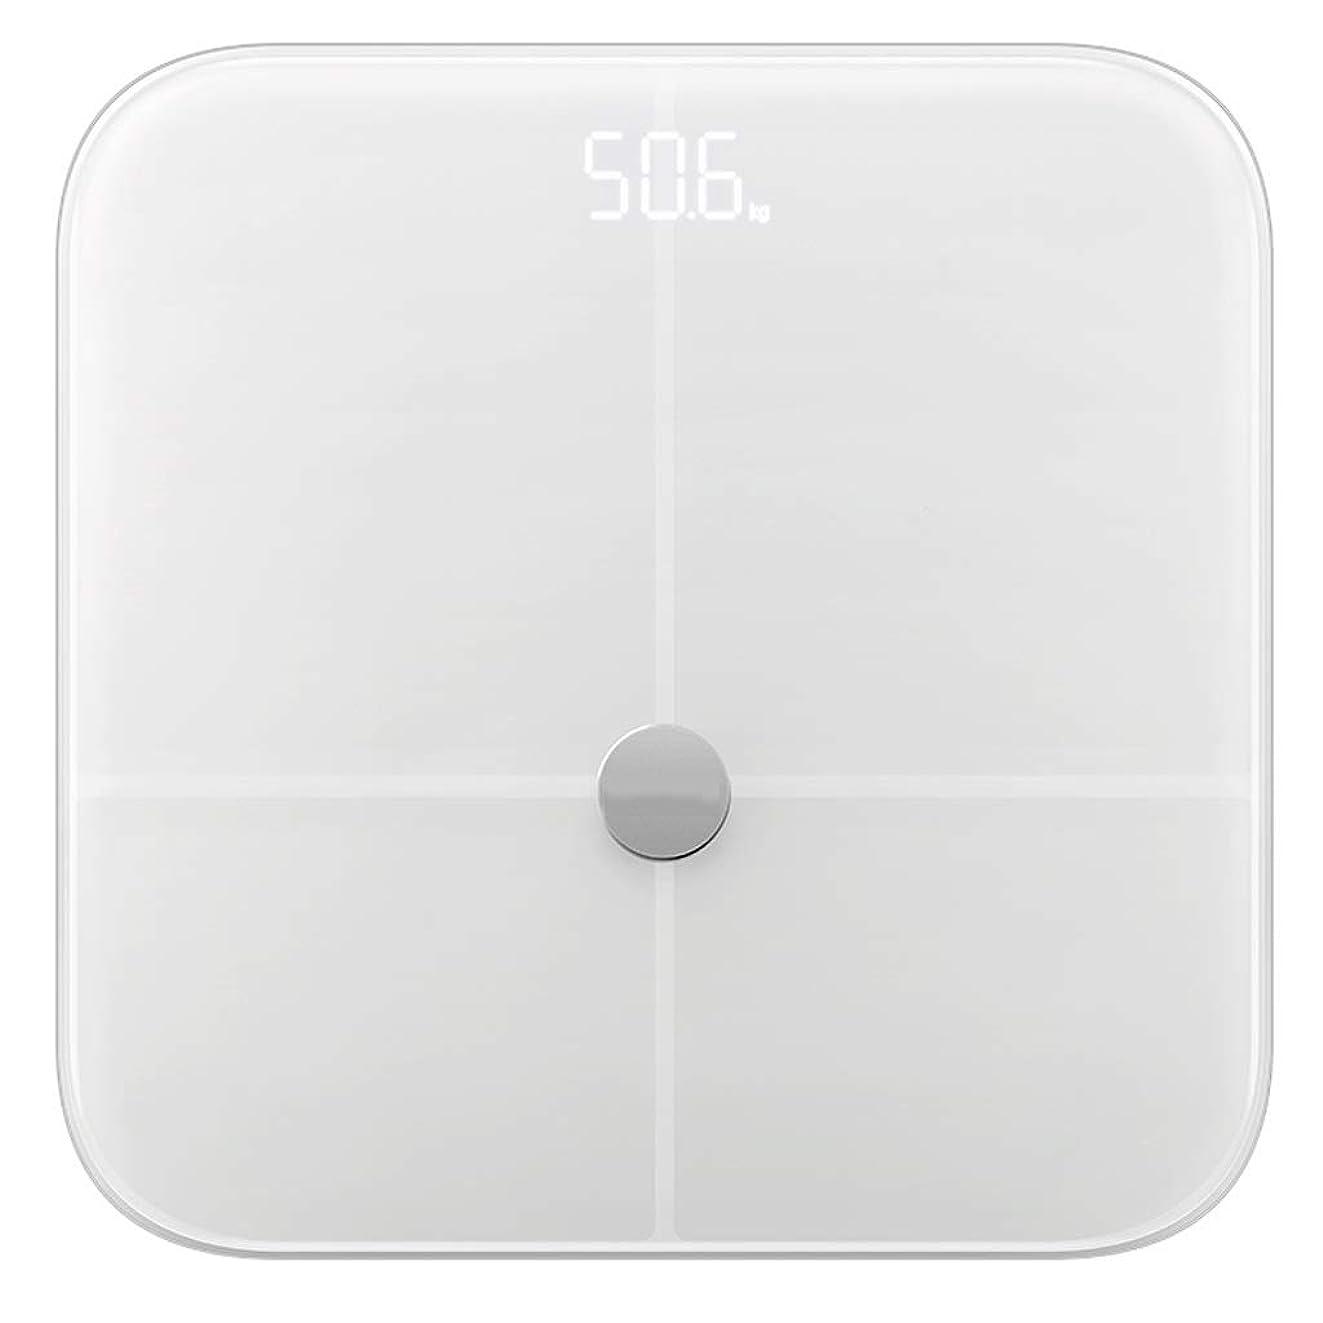 契約したずんぐりした潮HJBH強化ガラス電子スケールMTB-303インテリジェント体脂肪スケール正確な家庭用人体11身体データ検出健康状態 - 超薄型(白)